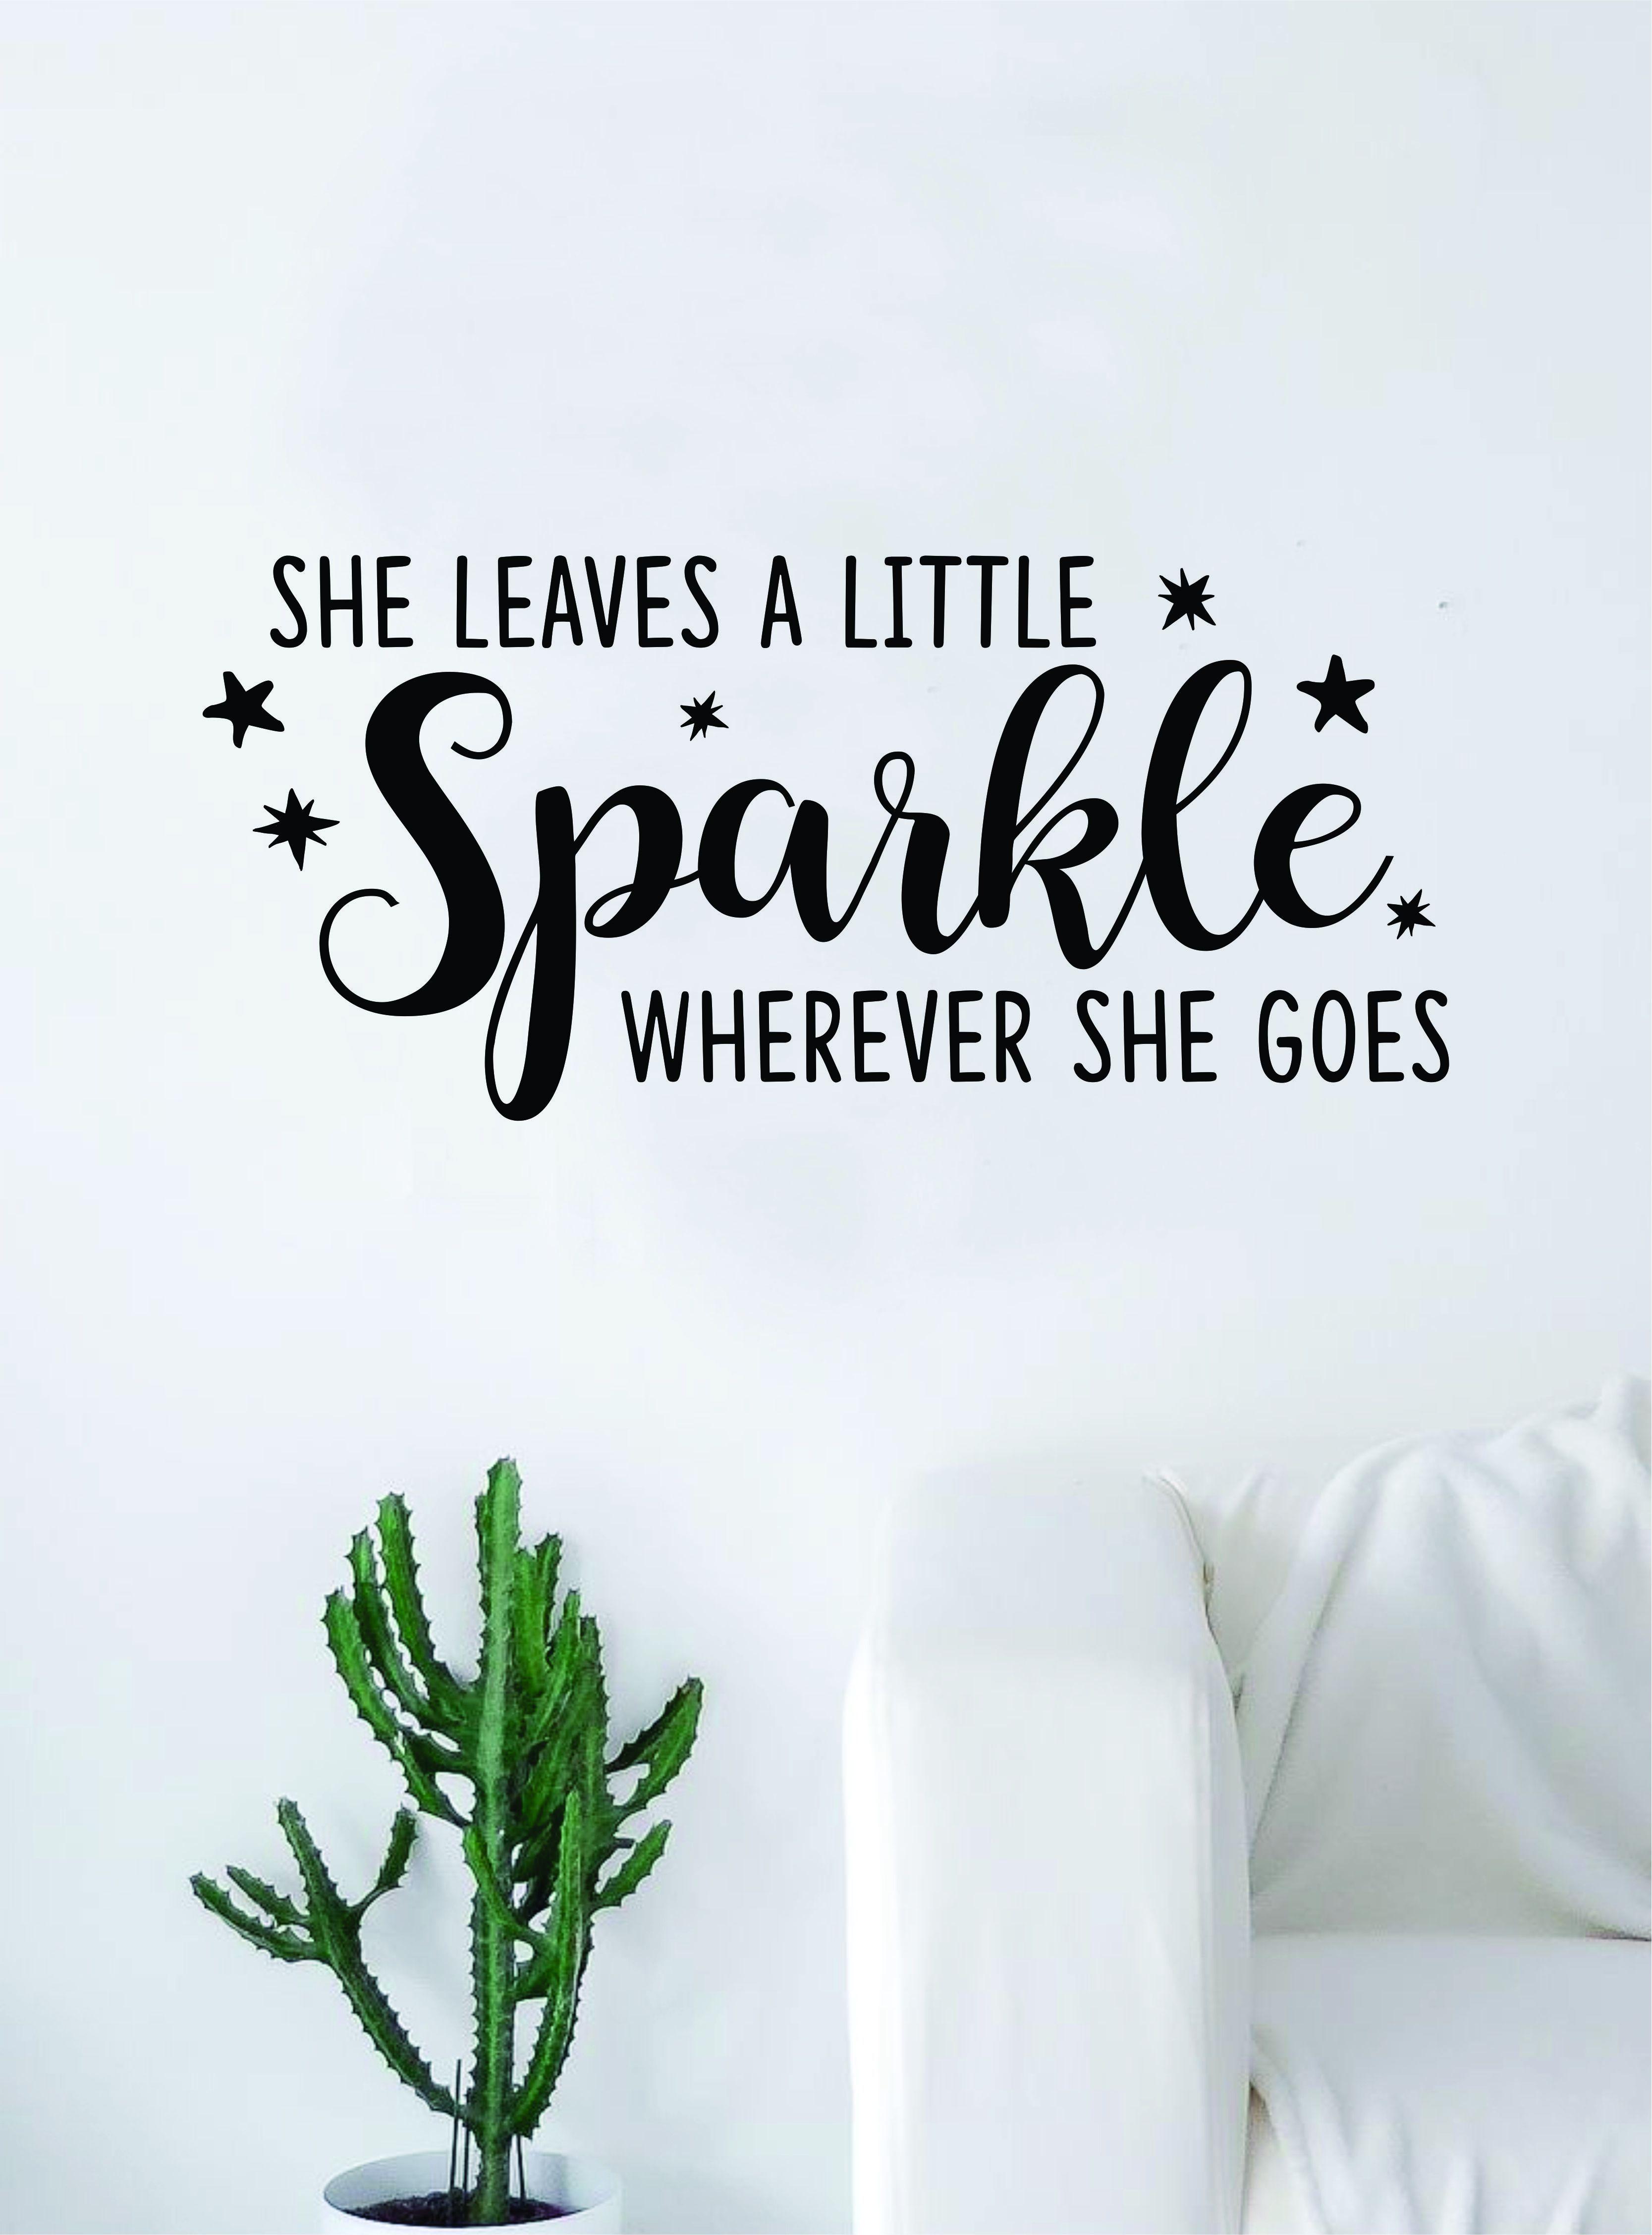 She leaves a little sparkle beautiful design decal sticker wall vinyl decor art teen nursery daughter girls